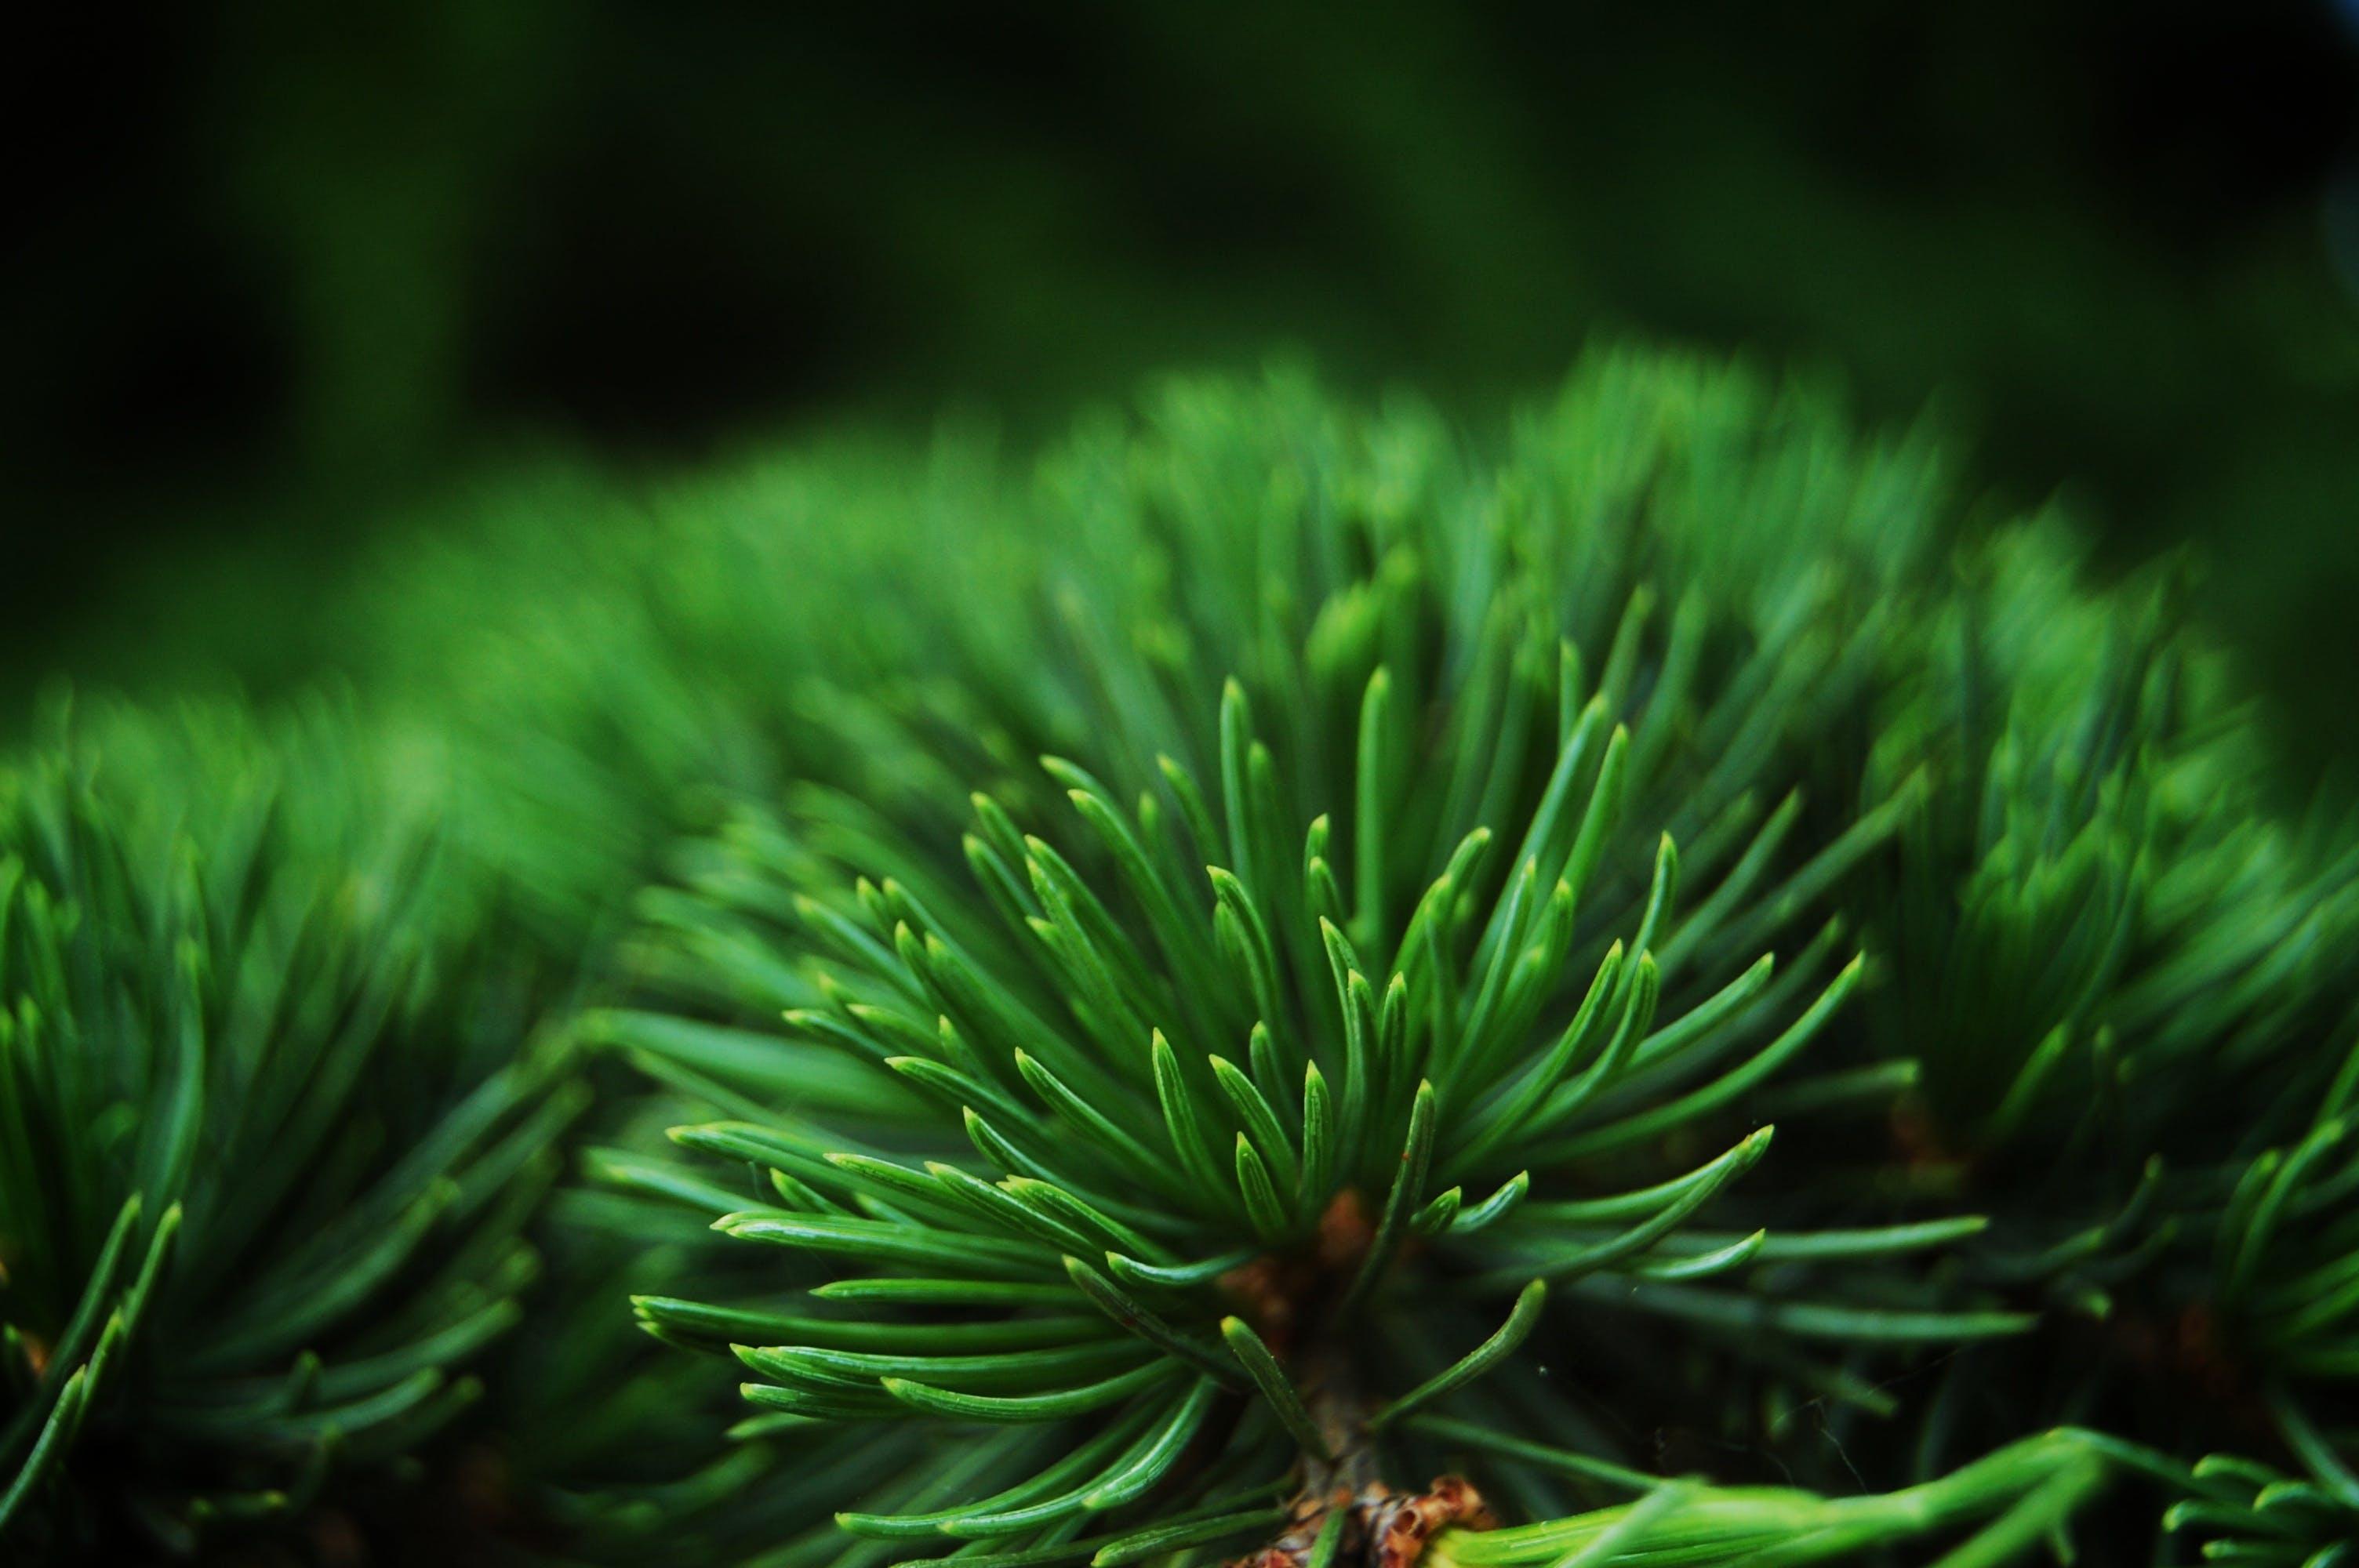 Kostenloses Stock Foto zu pflanze, grün, nahansicht, tiefenschärfe